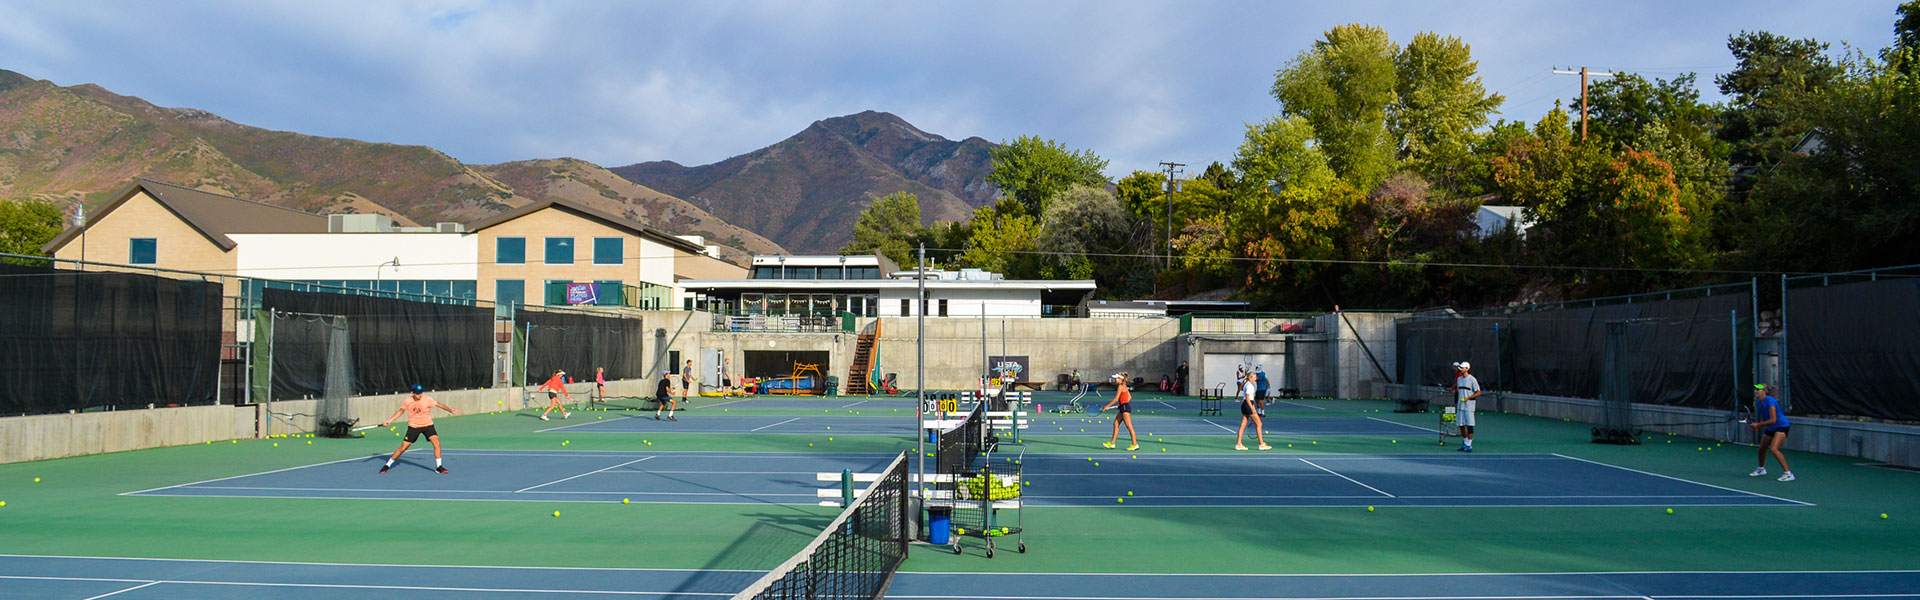 Summer Tennis